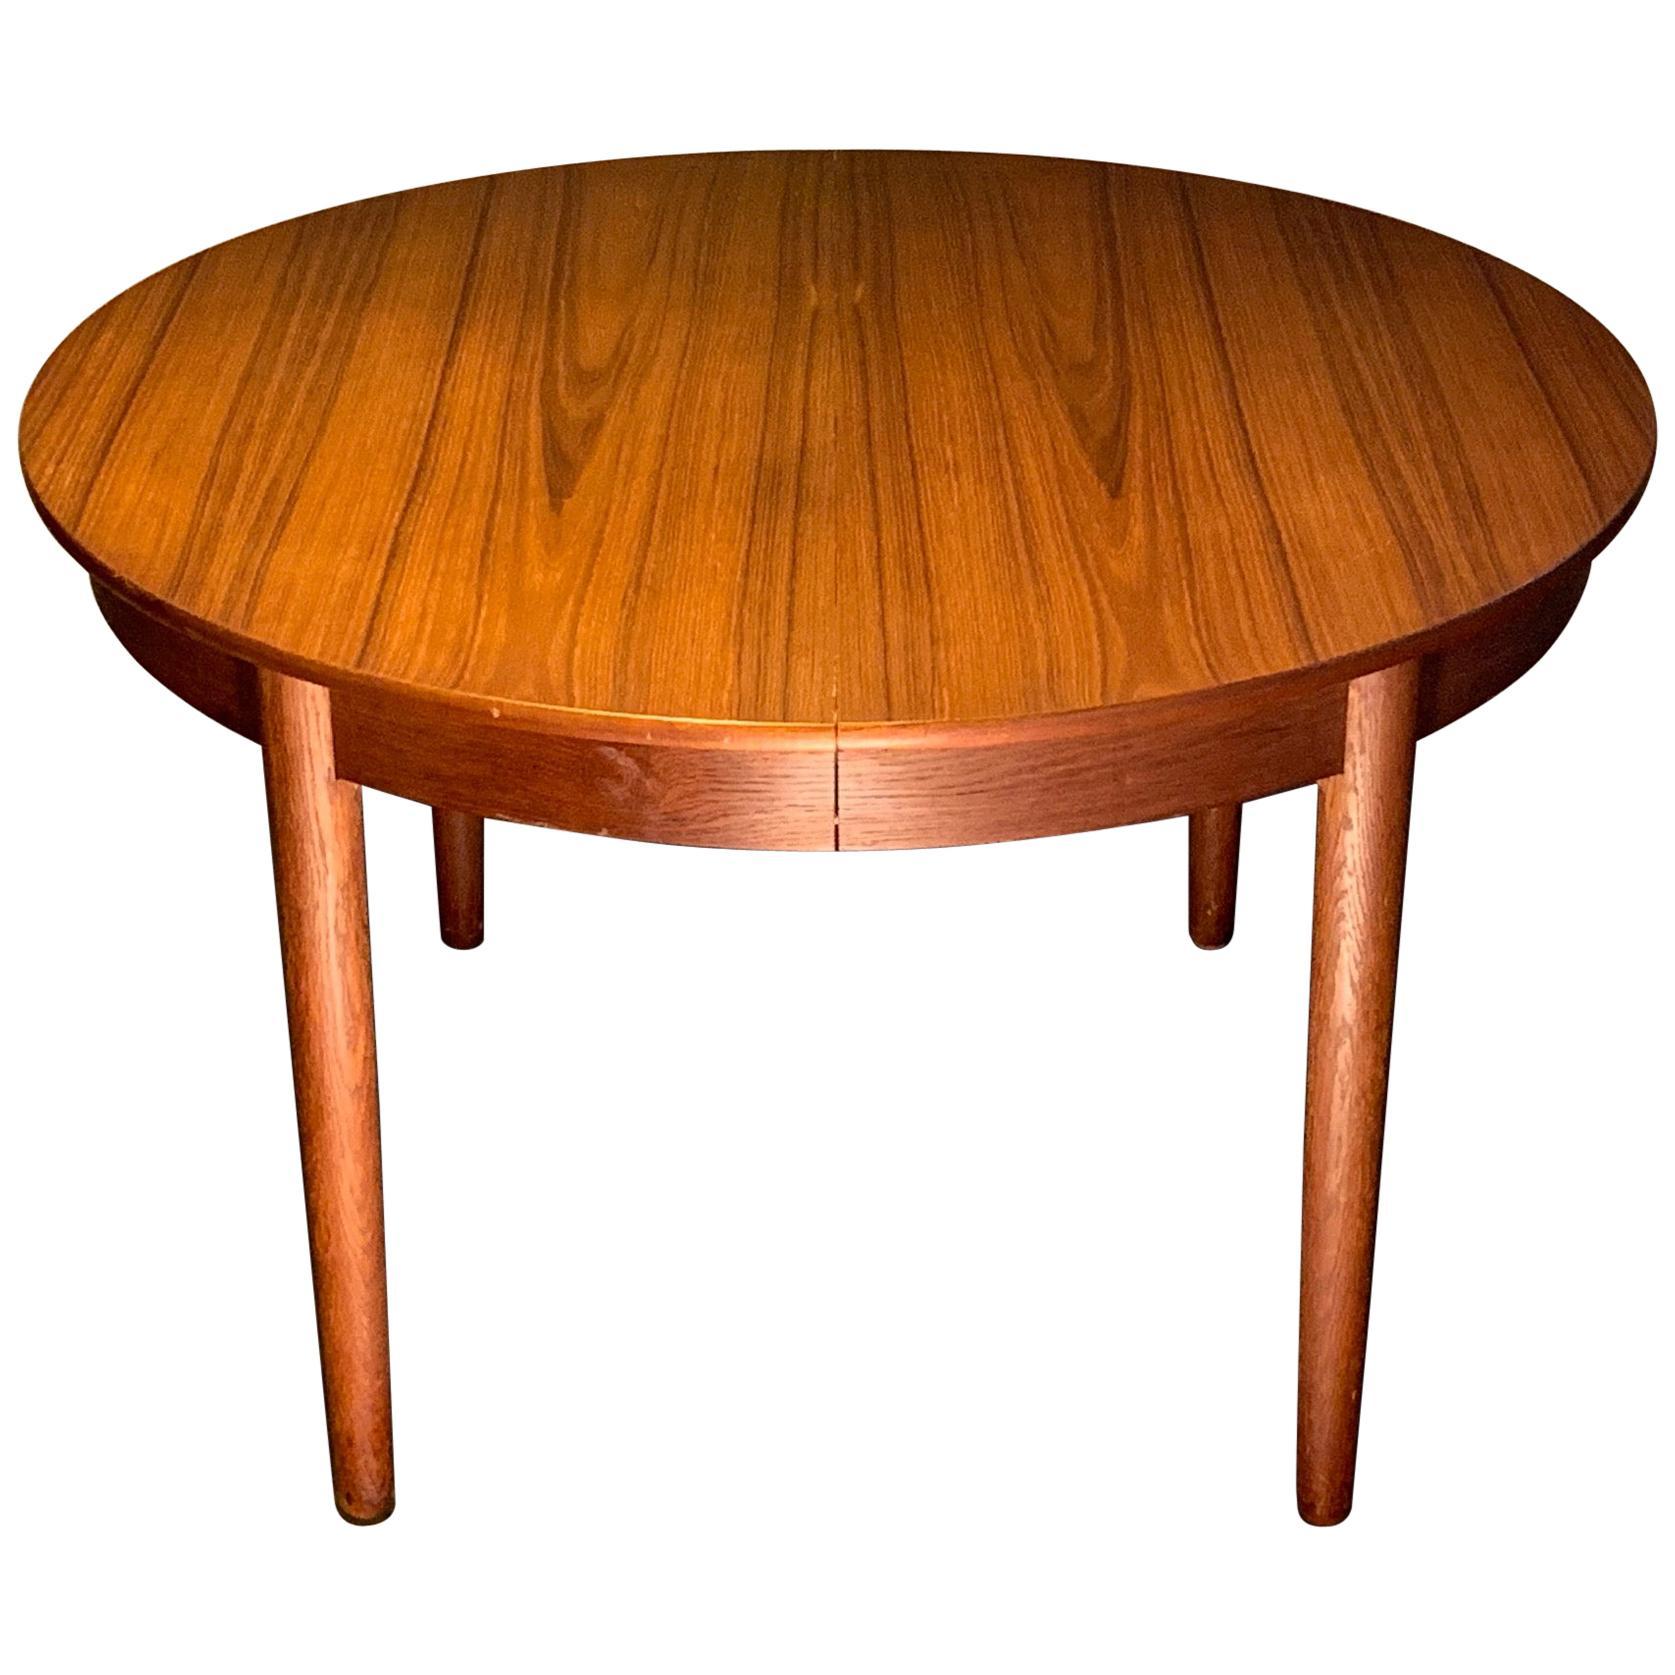 Hans Wegner Andreas Tuck Round Dining Table in Teak